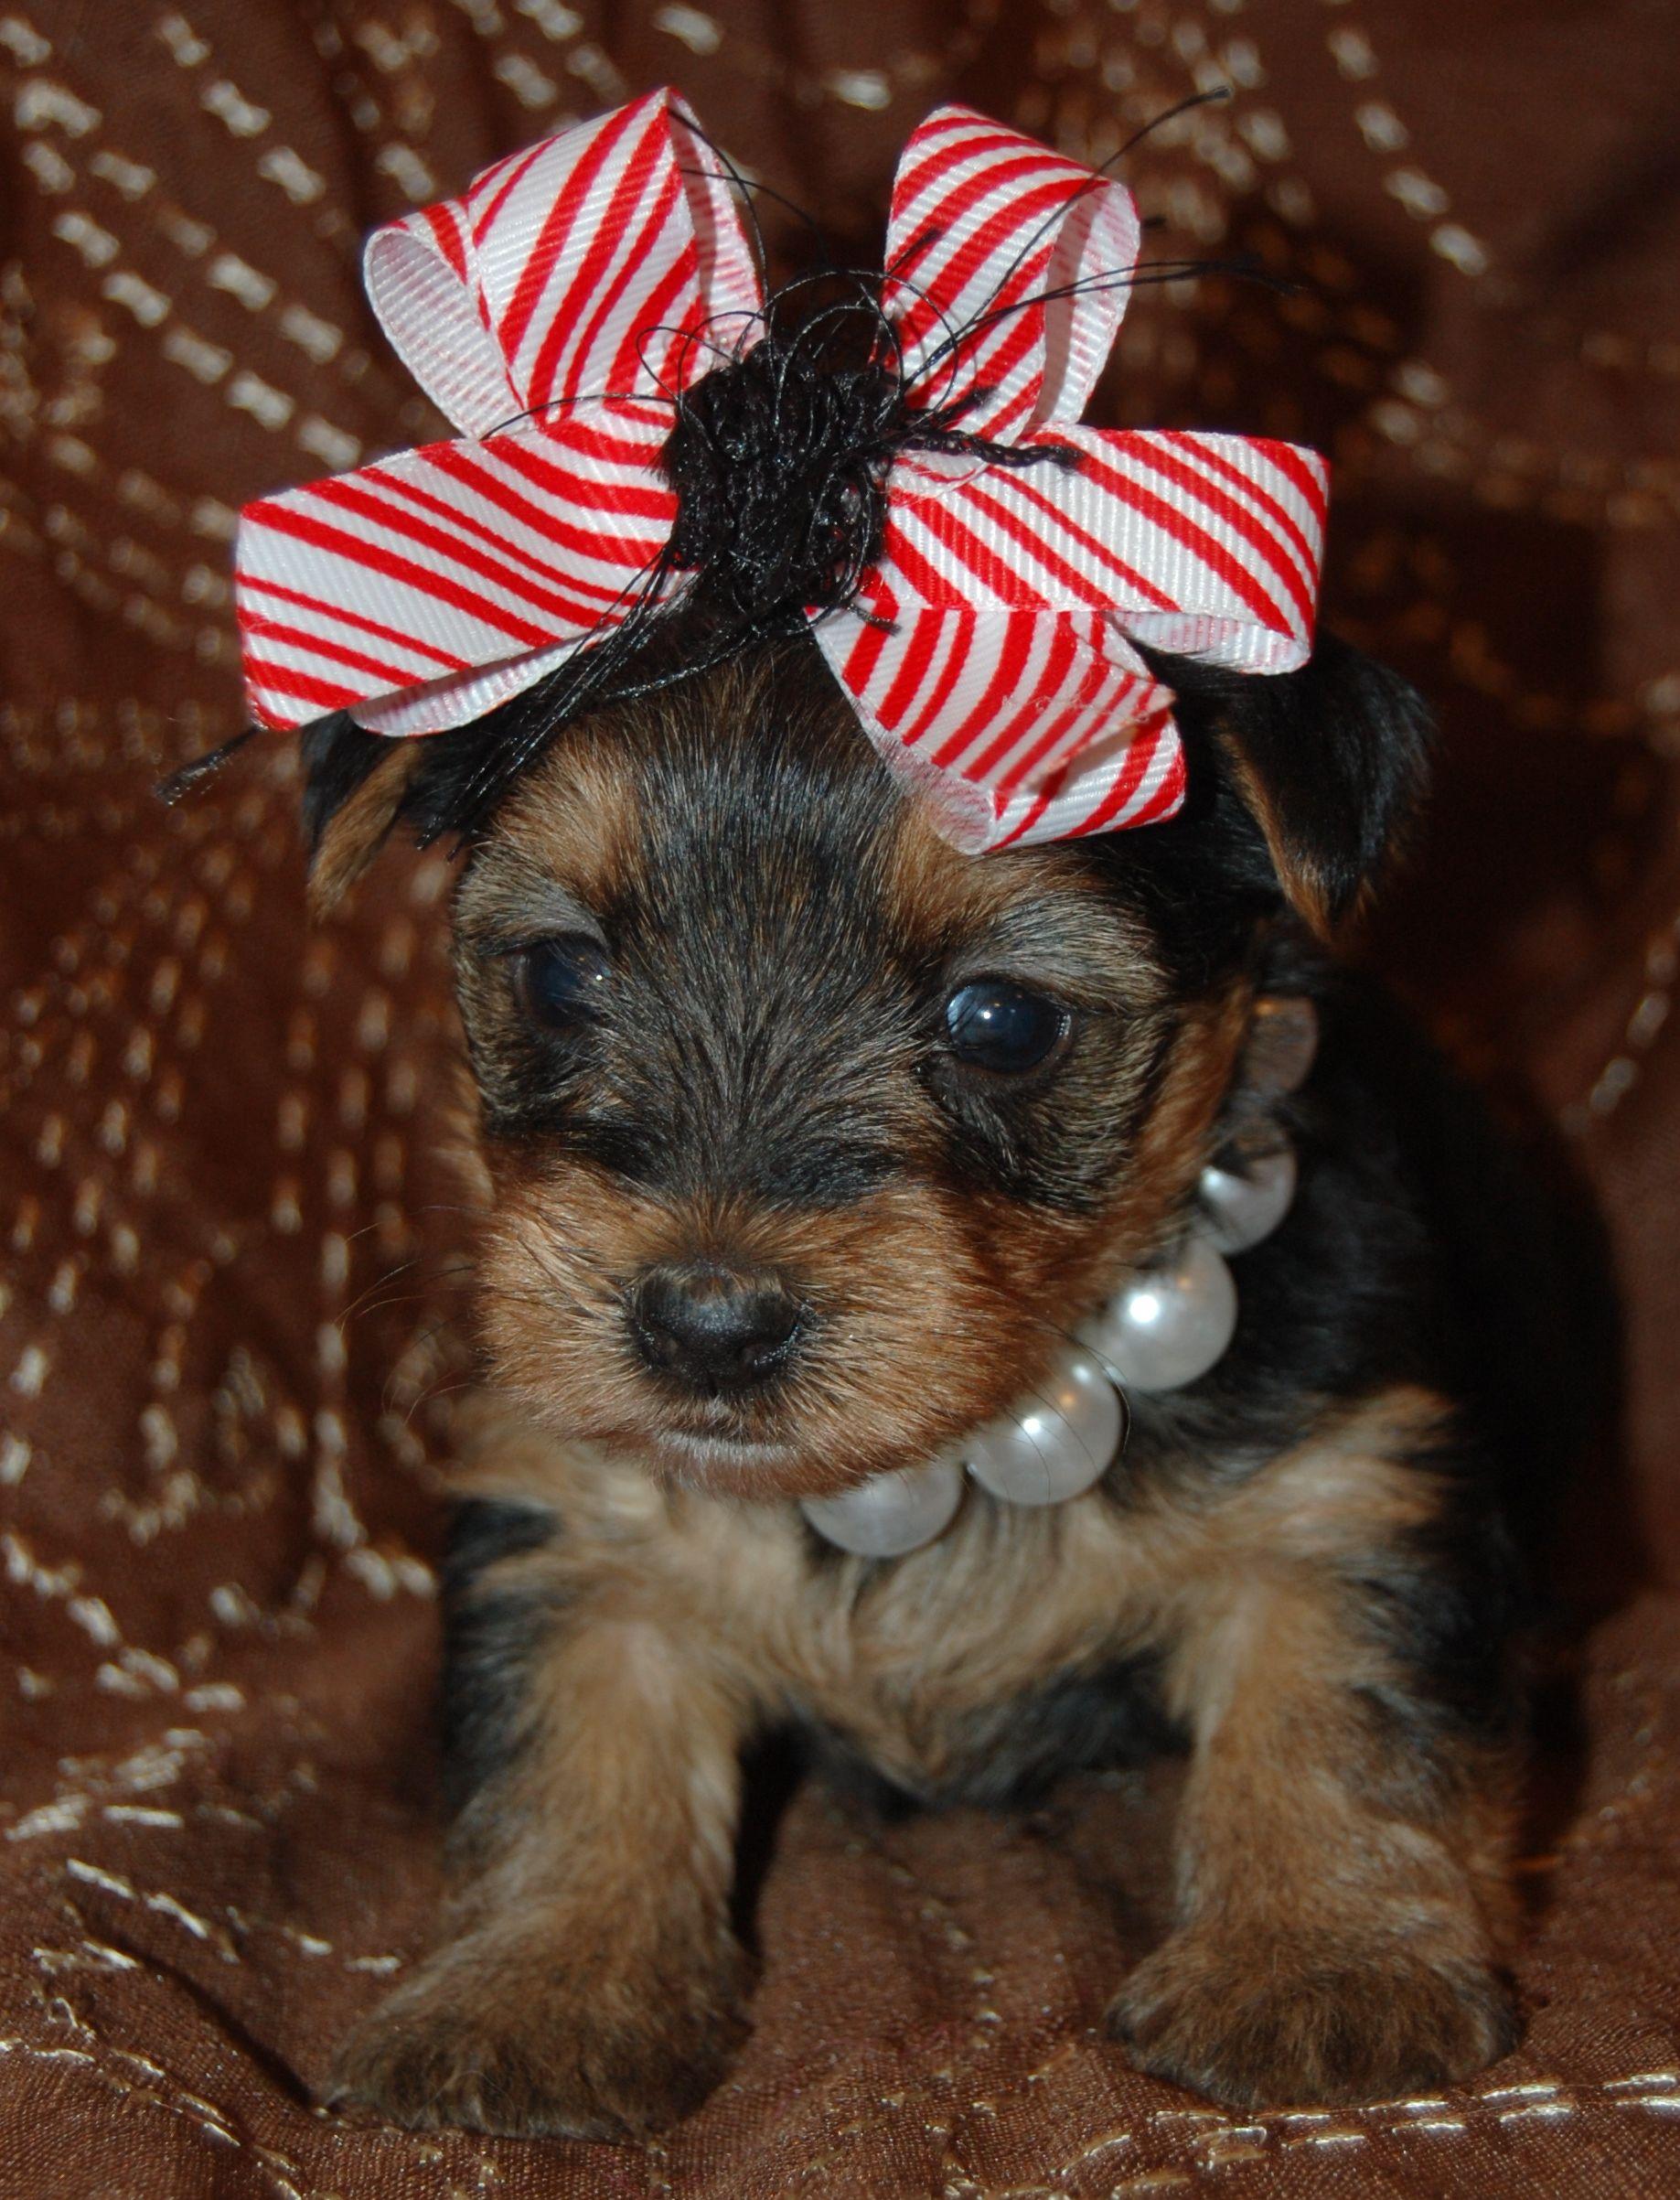 Yorkie For Sale Www Toysandteacups Com Teacup Yorkie Puppy Yorkie Poo Yorkie